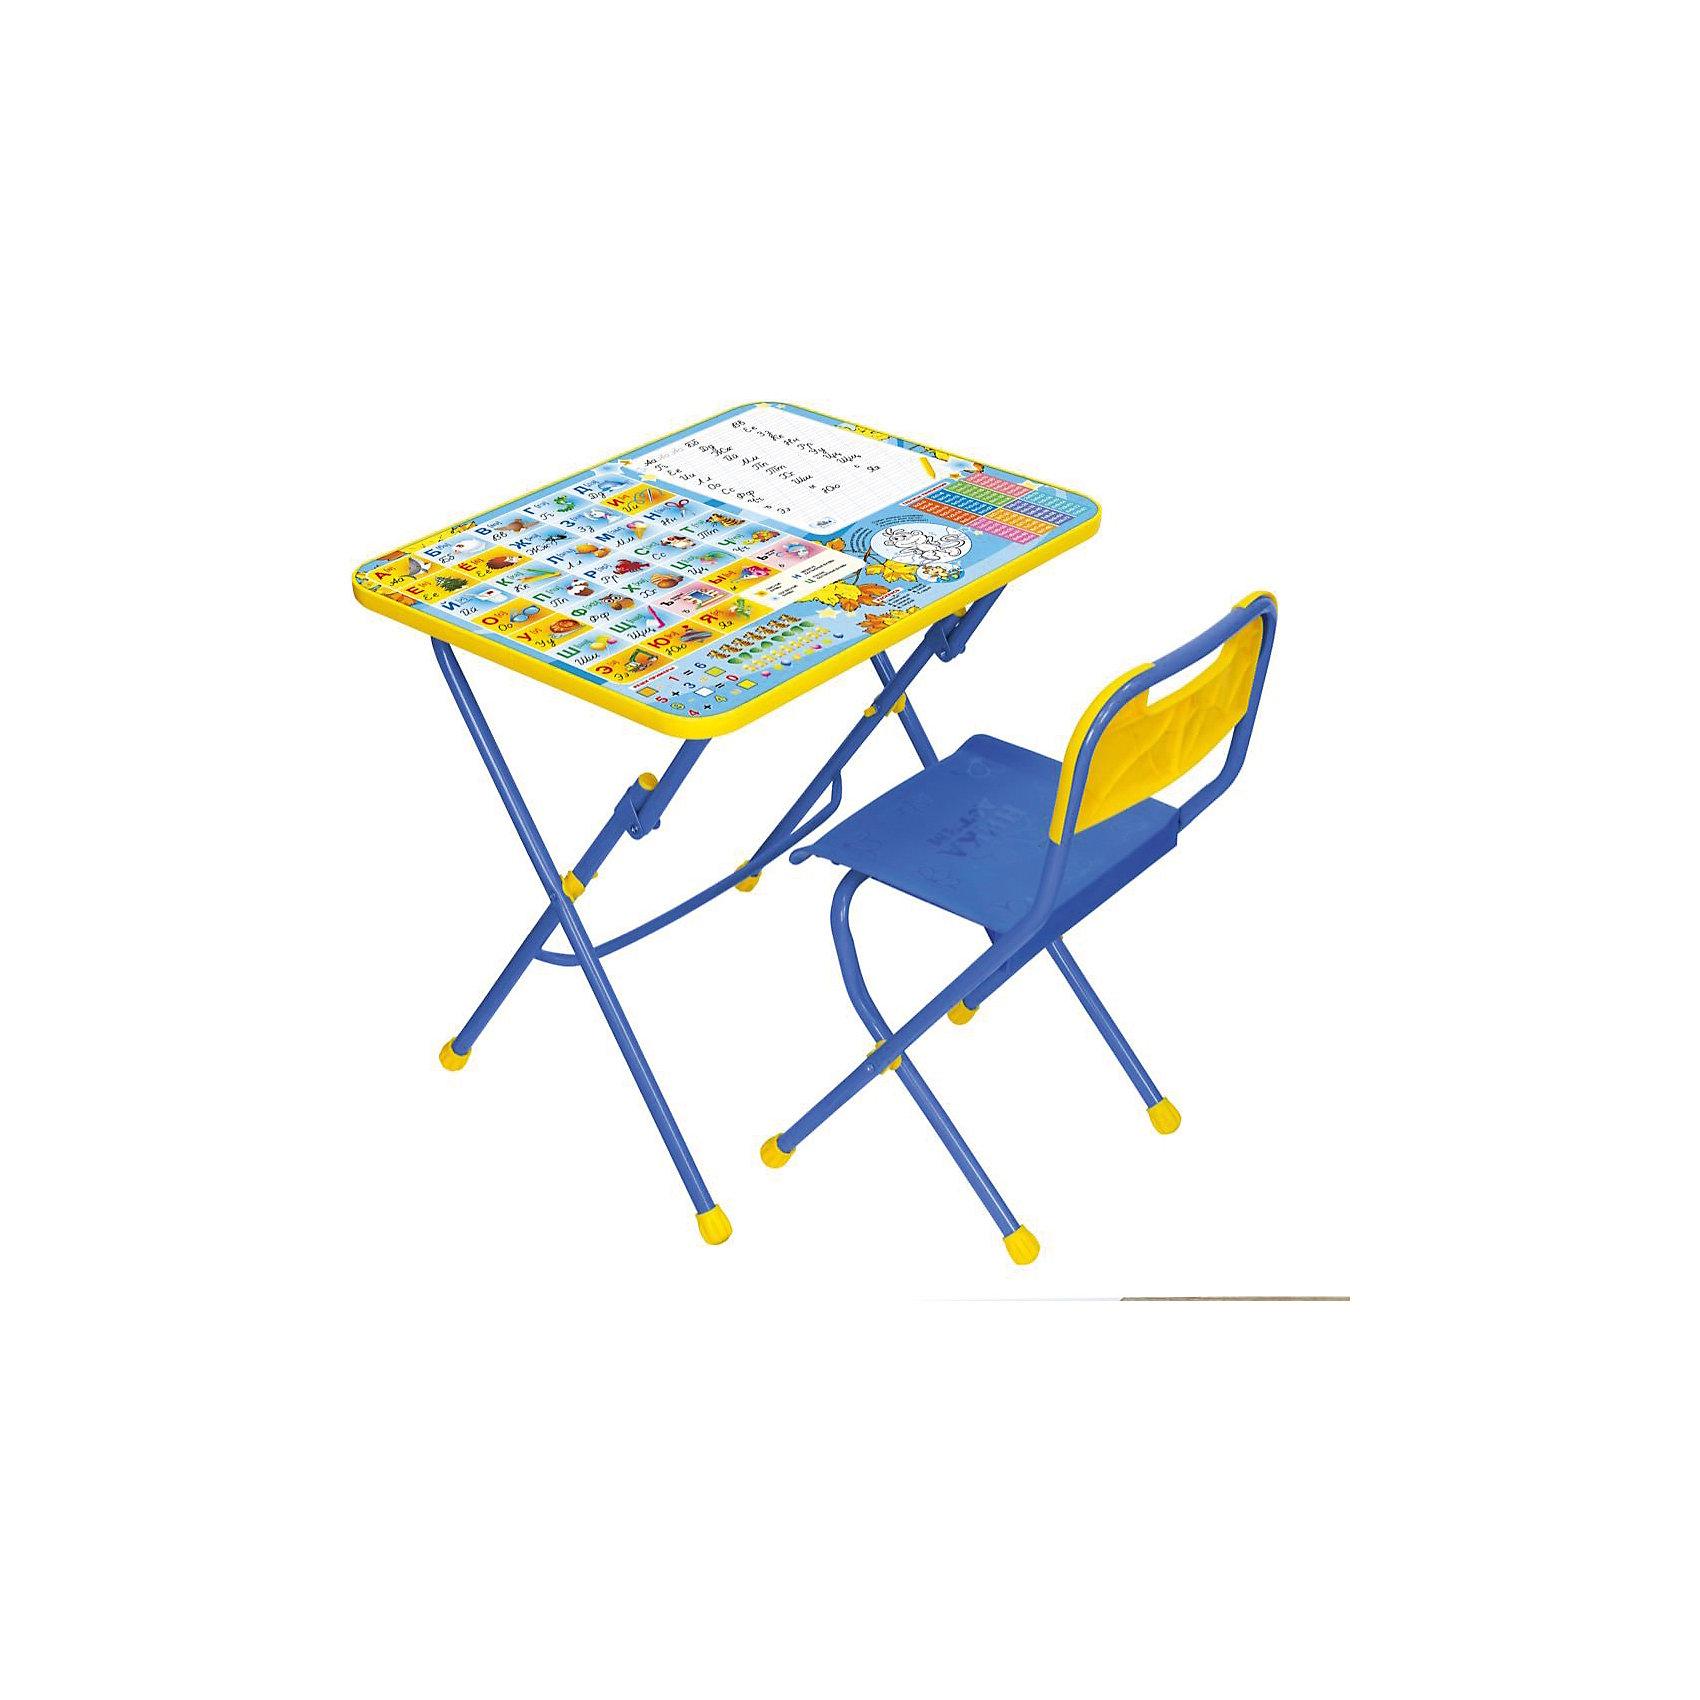 Набор мебели Первоклашка, осеньНабор детской мебели Первоклашка состоит из двух предметов: стол-парта и стульчик.  На крышке столика изображены рисунки способствующие развитию ребенка.<br>При необходимости, стол и стул возможно сложить, они очень компактны в собранном виде, это дает возможность использования данного комплекта мебели даже в небольшой комнате. <br><br>Дополнительная информация:<br><br>В комплект входит стол-парта и стул с пластиковым сиденьем.<br>- Металлический каркас.<br>- Столешница облицована пленкой с тематическими рисунками.<br>- На ножках стула установлены пластмассовые наконечники.<br>- Размер столика: 60х45х57 см.<br>- Размер стула: высота до сиденья 34 см, высота со спинкой 59 см.<br>Сиденье: 30х30 см.<br>- Возраст: от 3-х лет<br><br>Набор мебели Первоклашка осень, можно купить в нашем магазине.<br><br>Ширина мм: 580<br>Глубина мм: 120<br>Высота мм: 450<br>Вес г: 7050<br>Возраст от месяцев: 36<br>Возраст до месяцев: 108<br>Пол: Унисекс<br>Возраст: Детский<br>SKU: 4718360